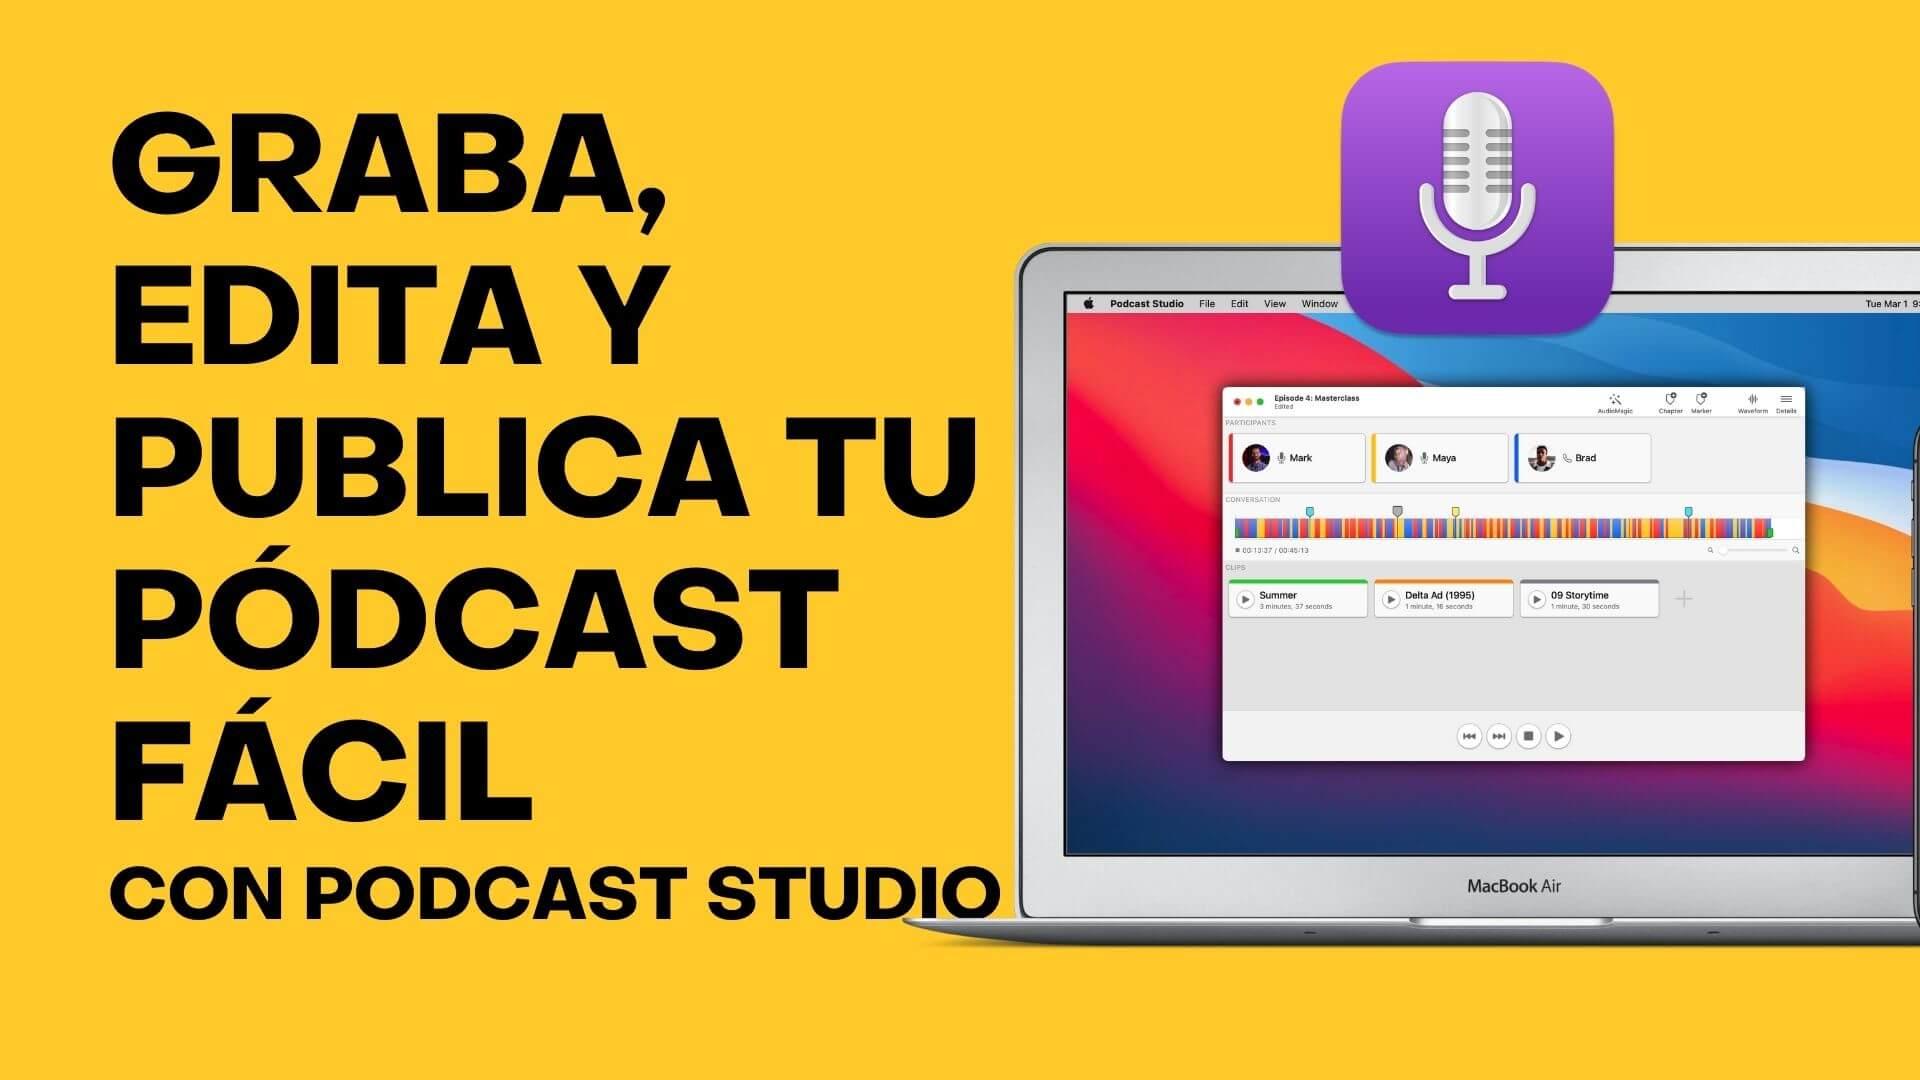 118. Graba, Edita y Publica tu Podcast Fácil con Podcast Studio